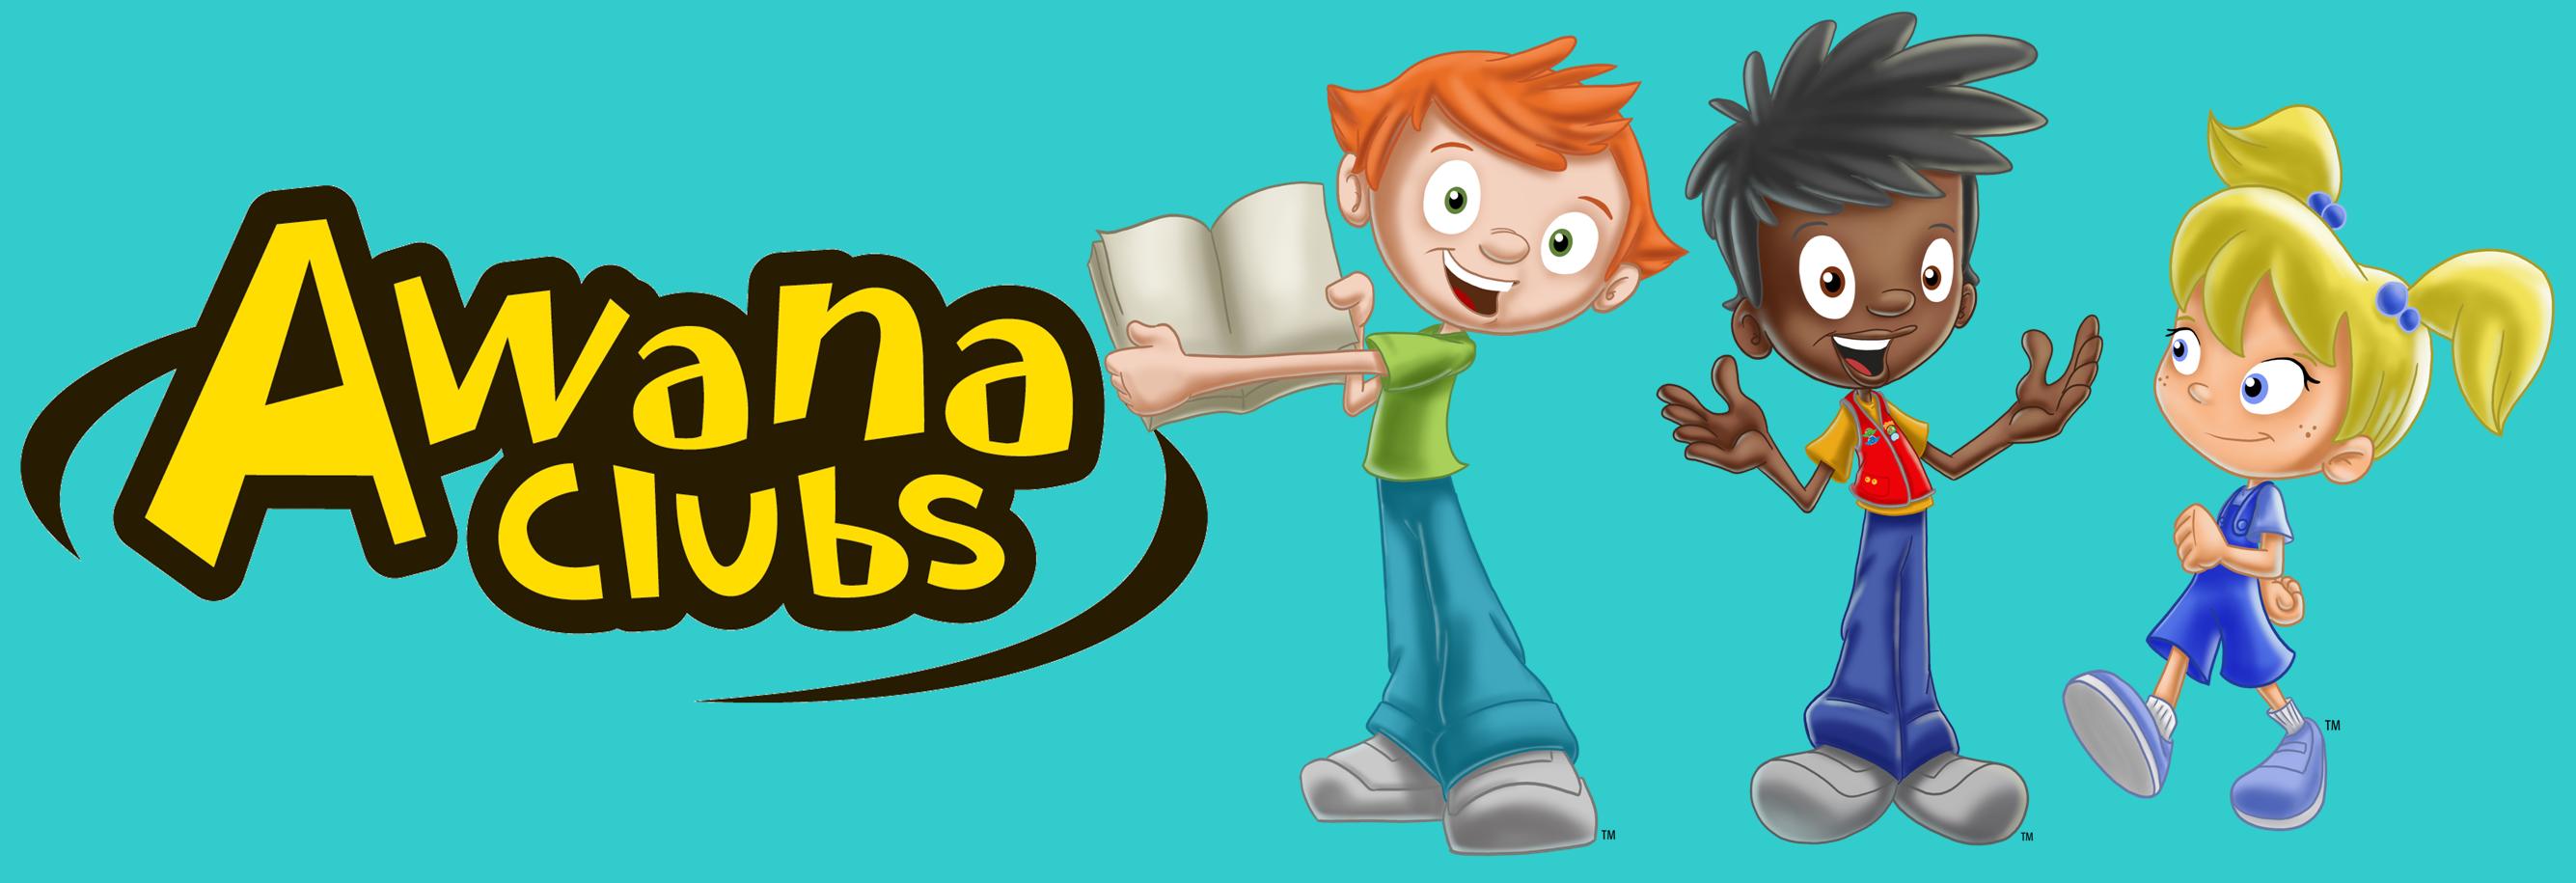 Awana banner image